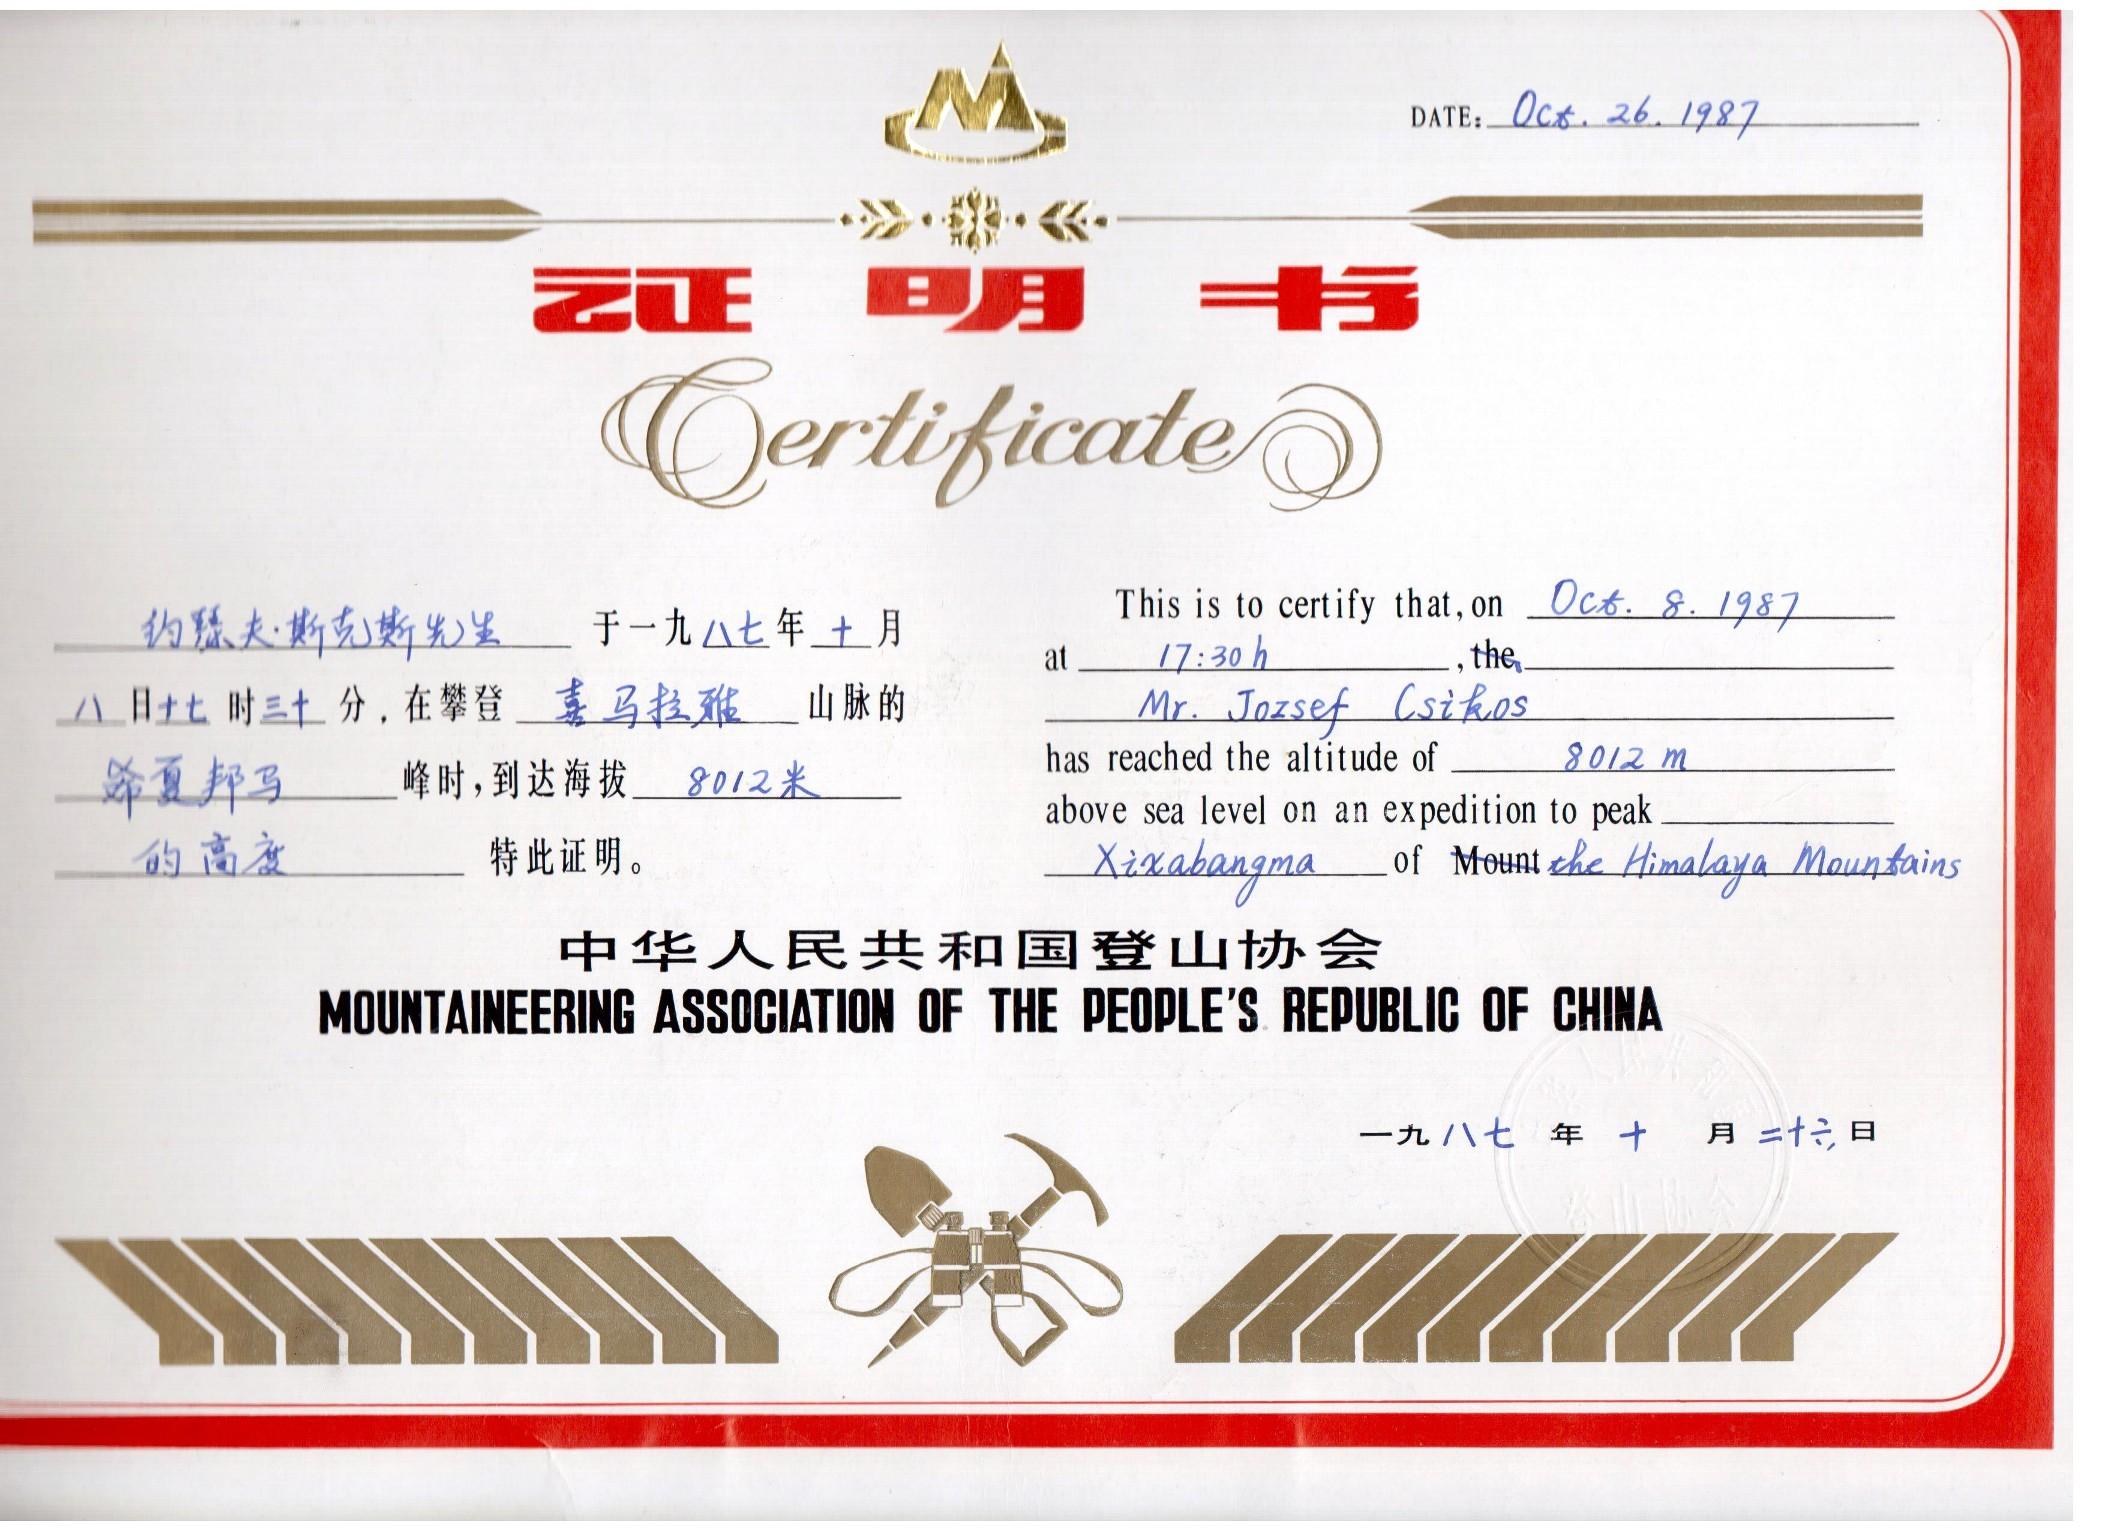 Shisha Pangma Certificate Csíkos József